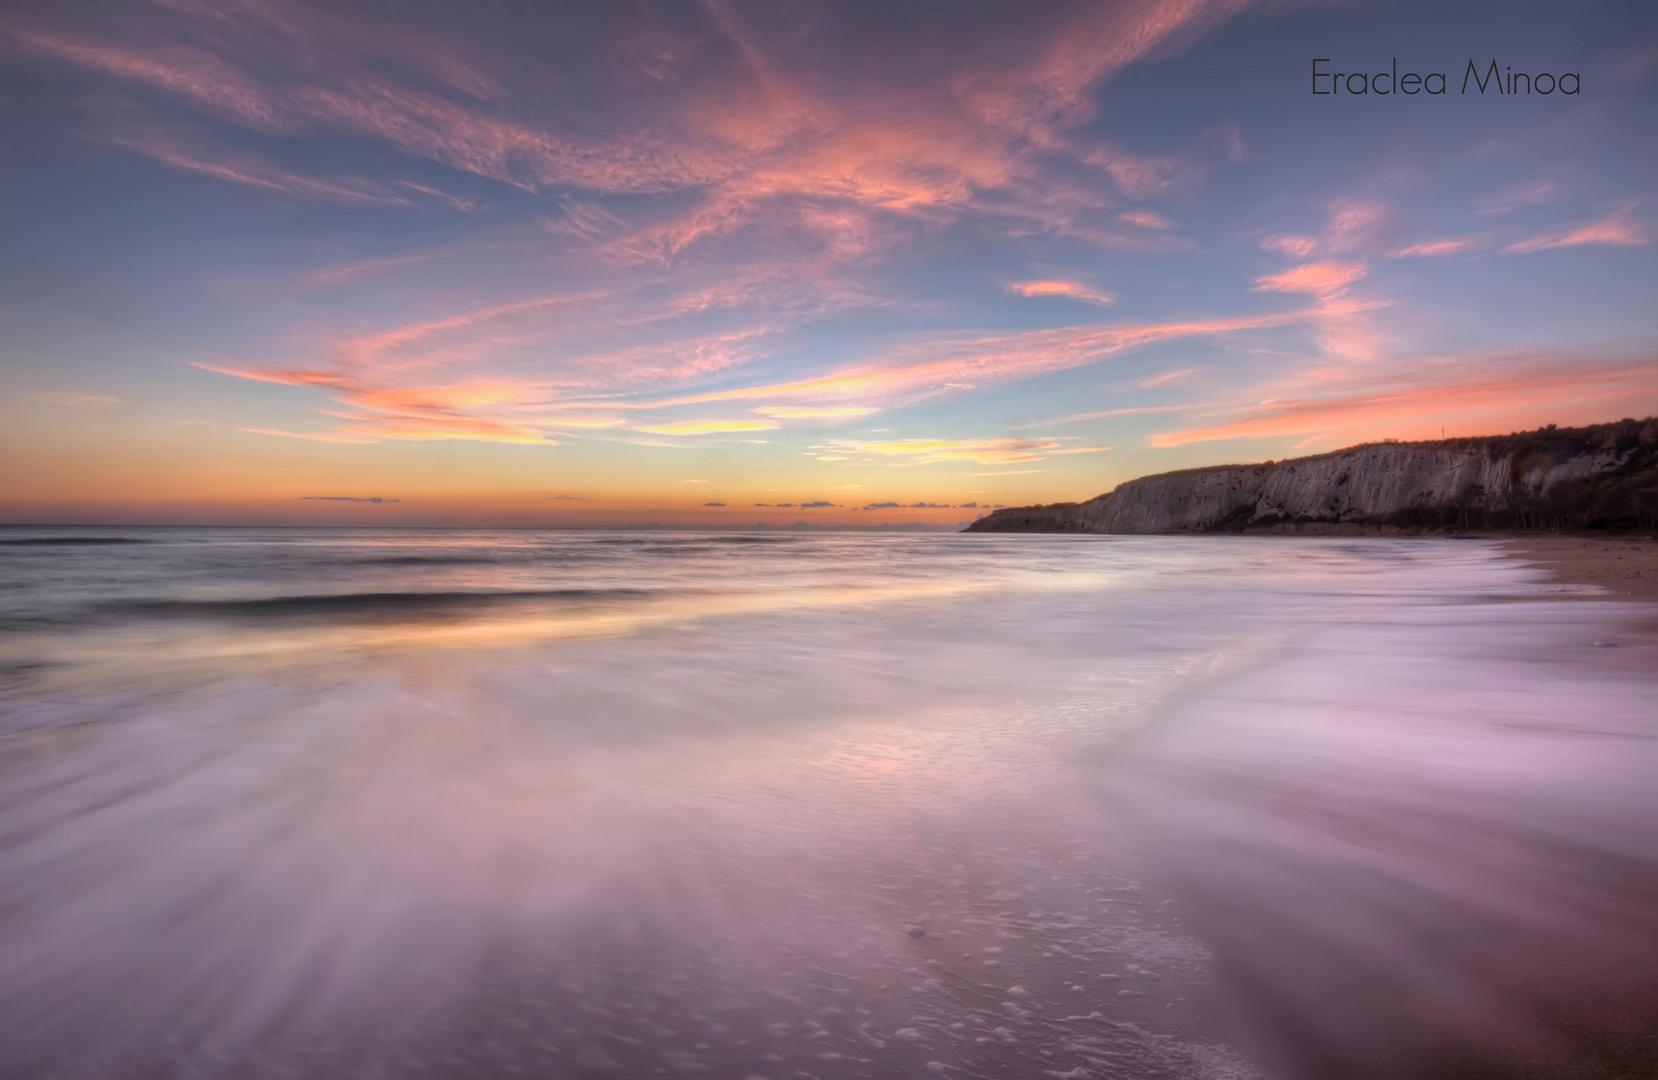 Eraclea Minoa Sunset